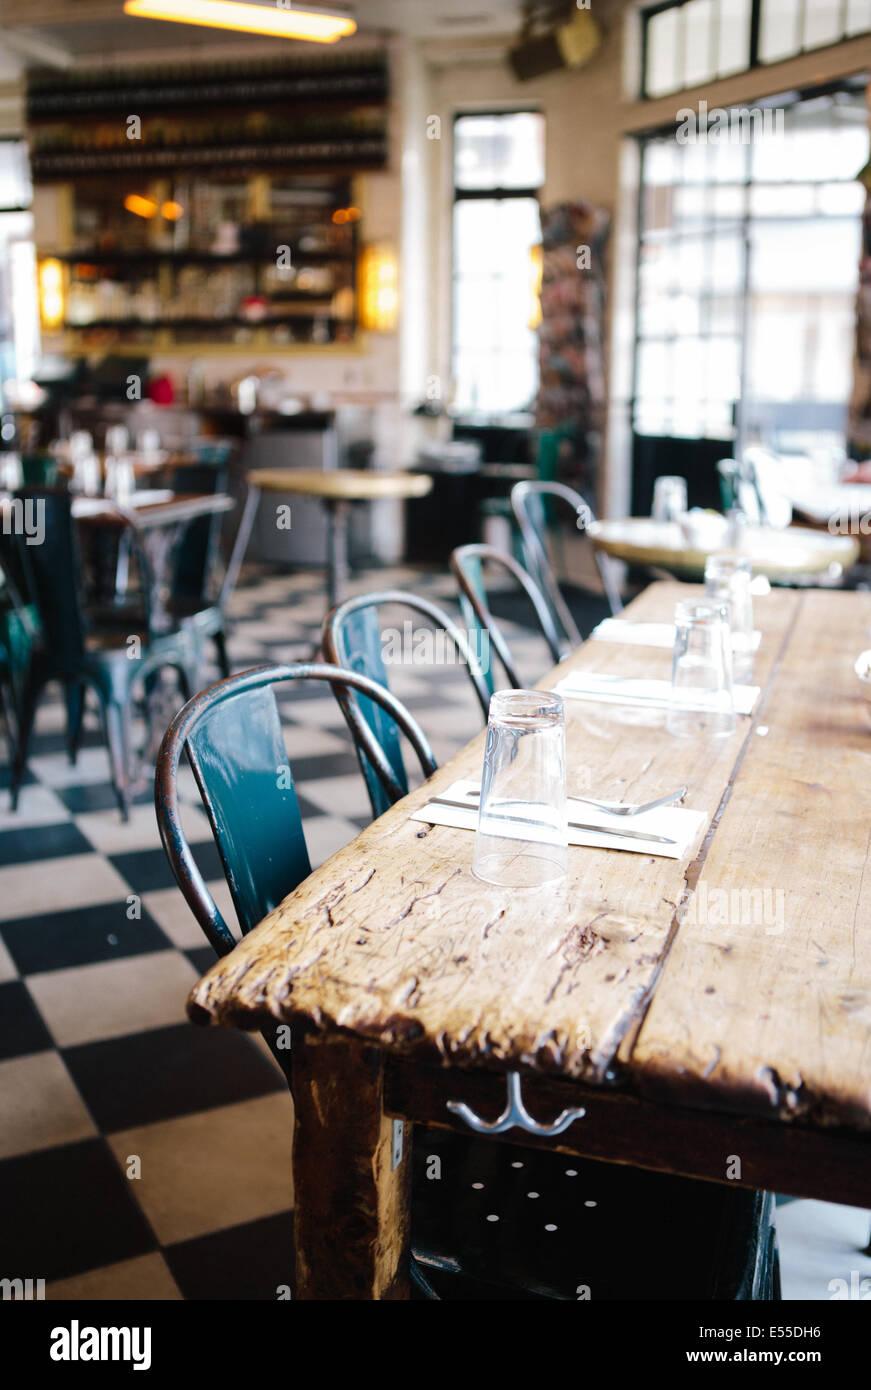 Table communautaire avec des chaises en métal et marbre à damier en restaurant industrielle moderne. Photo Stock